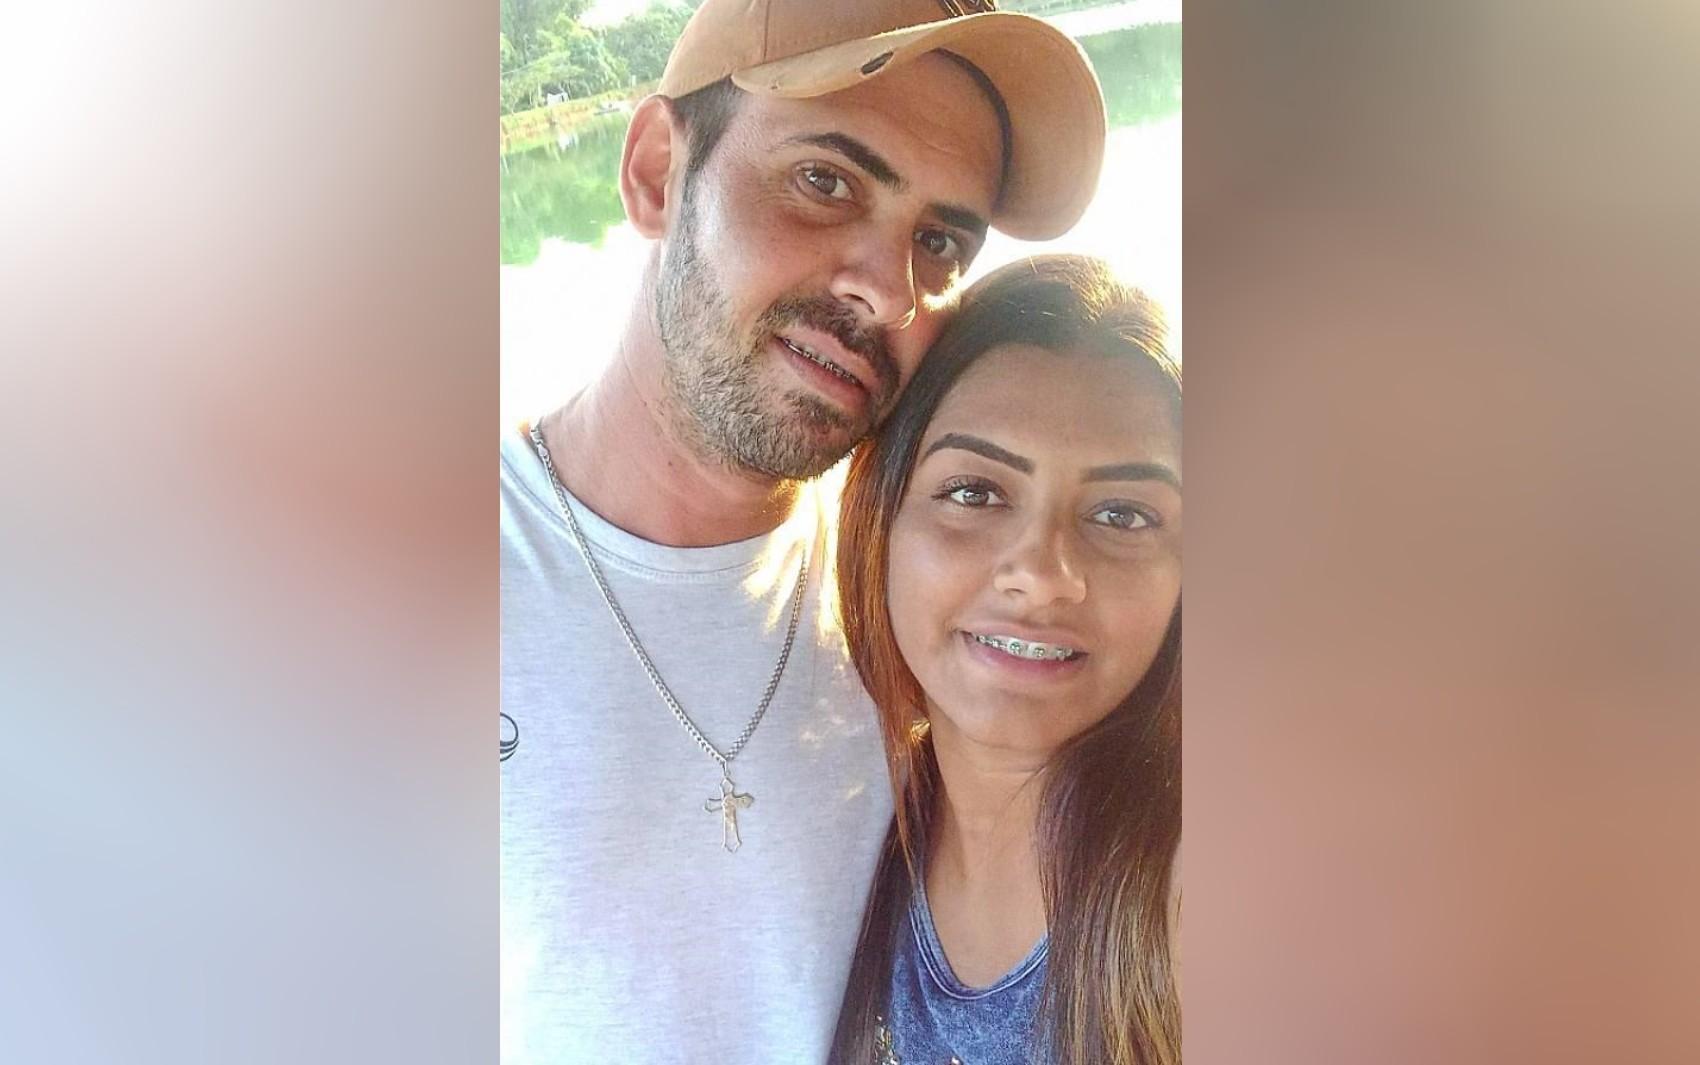 Filho de vereador suspeito de matar ex-mulher grávida se entrega à polícia